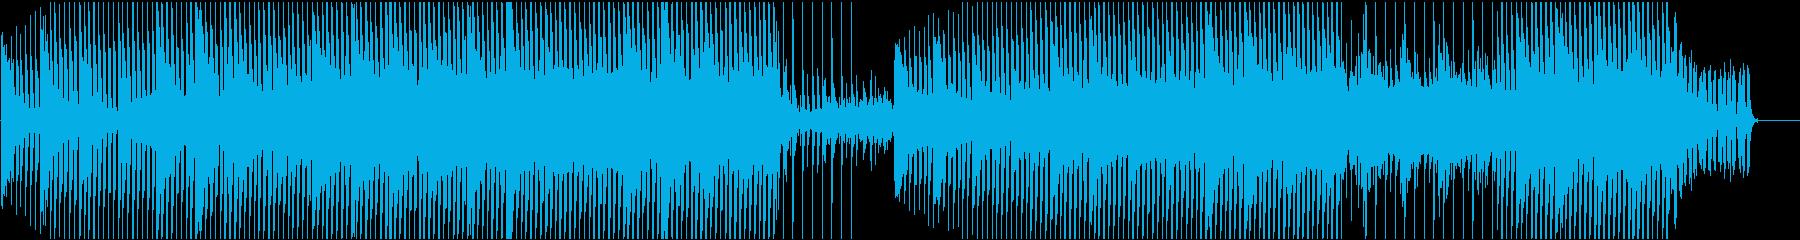 企業VPや映像に 柔らかい音で近未来的の再生済みの波形